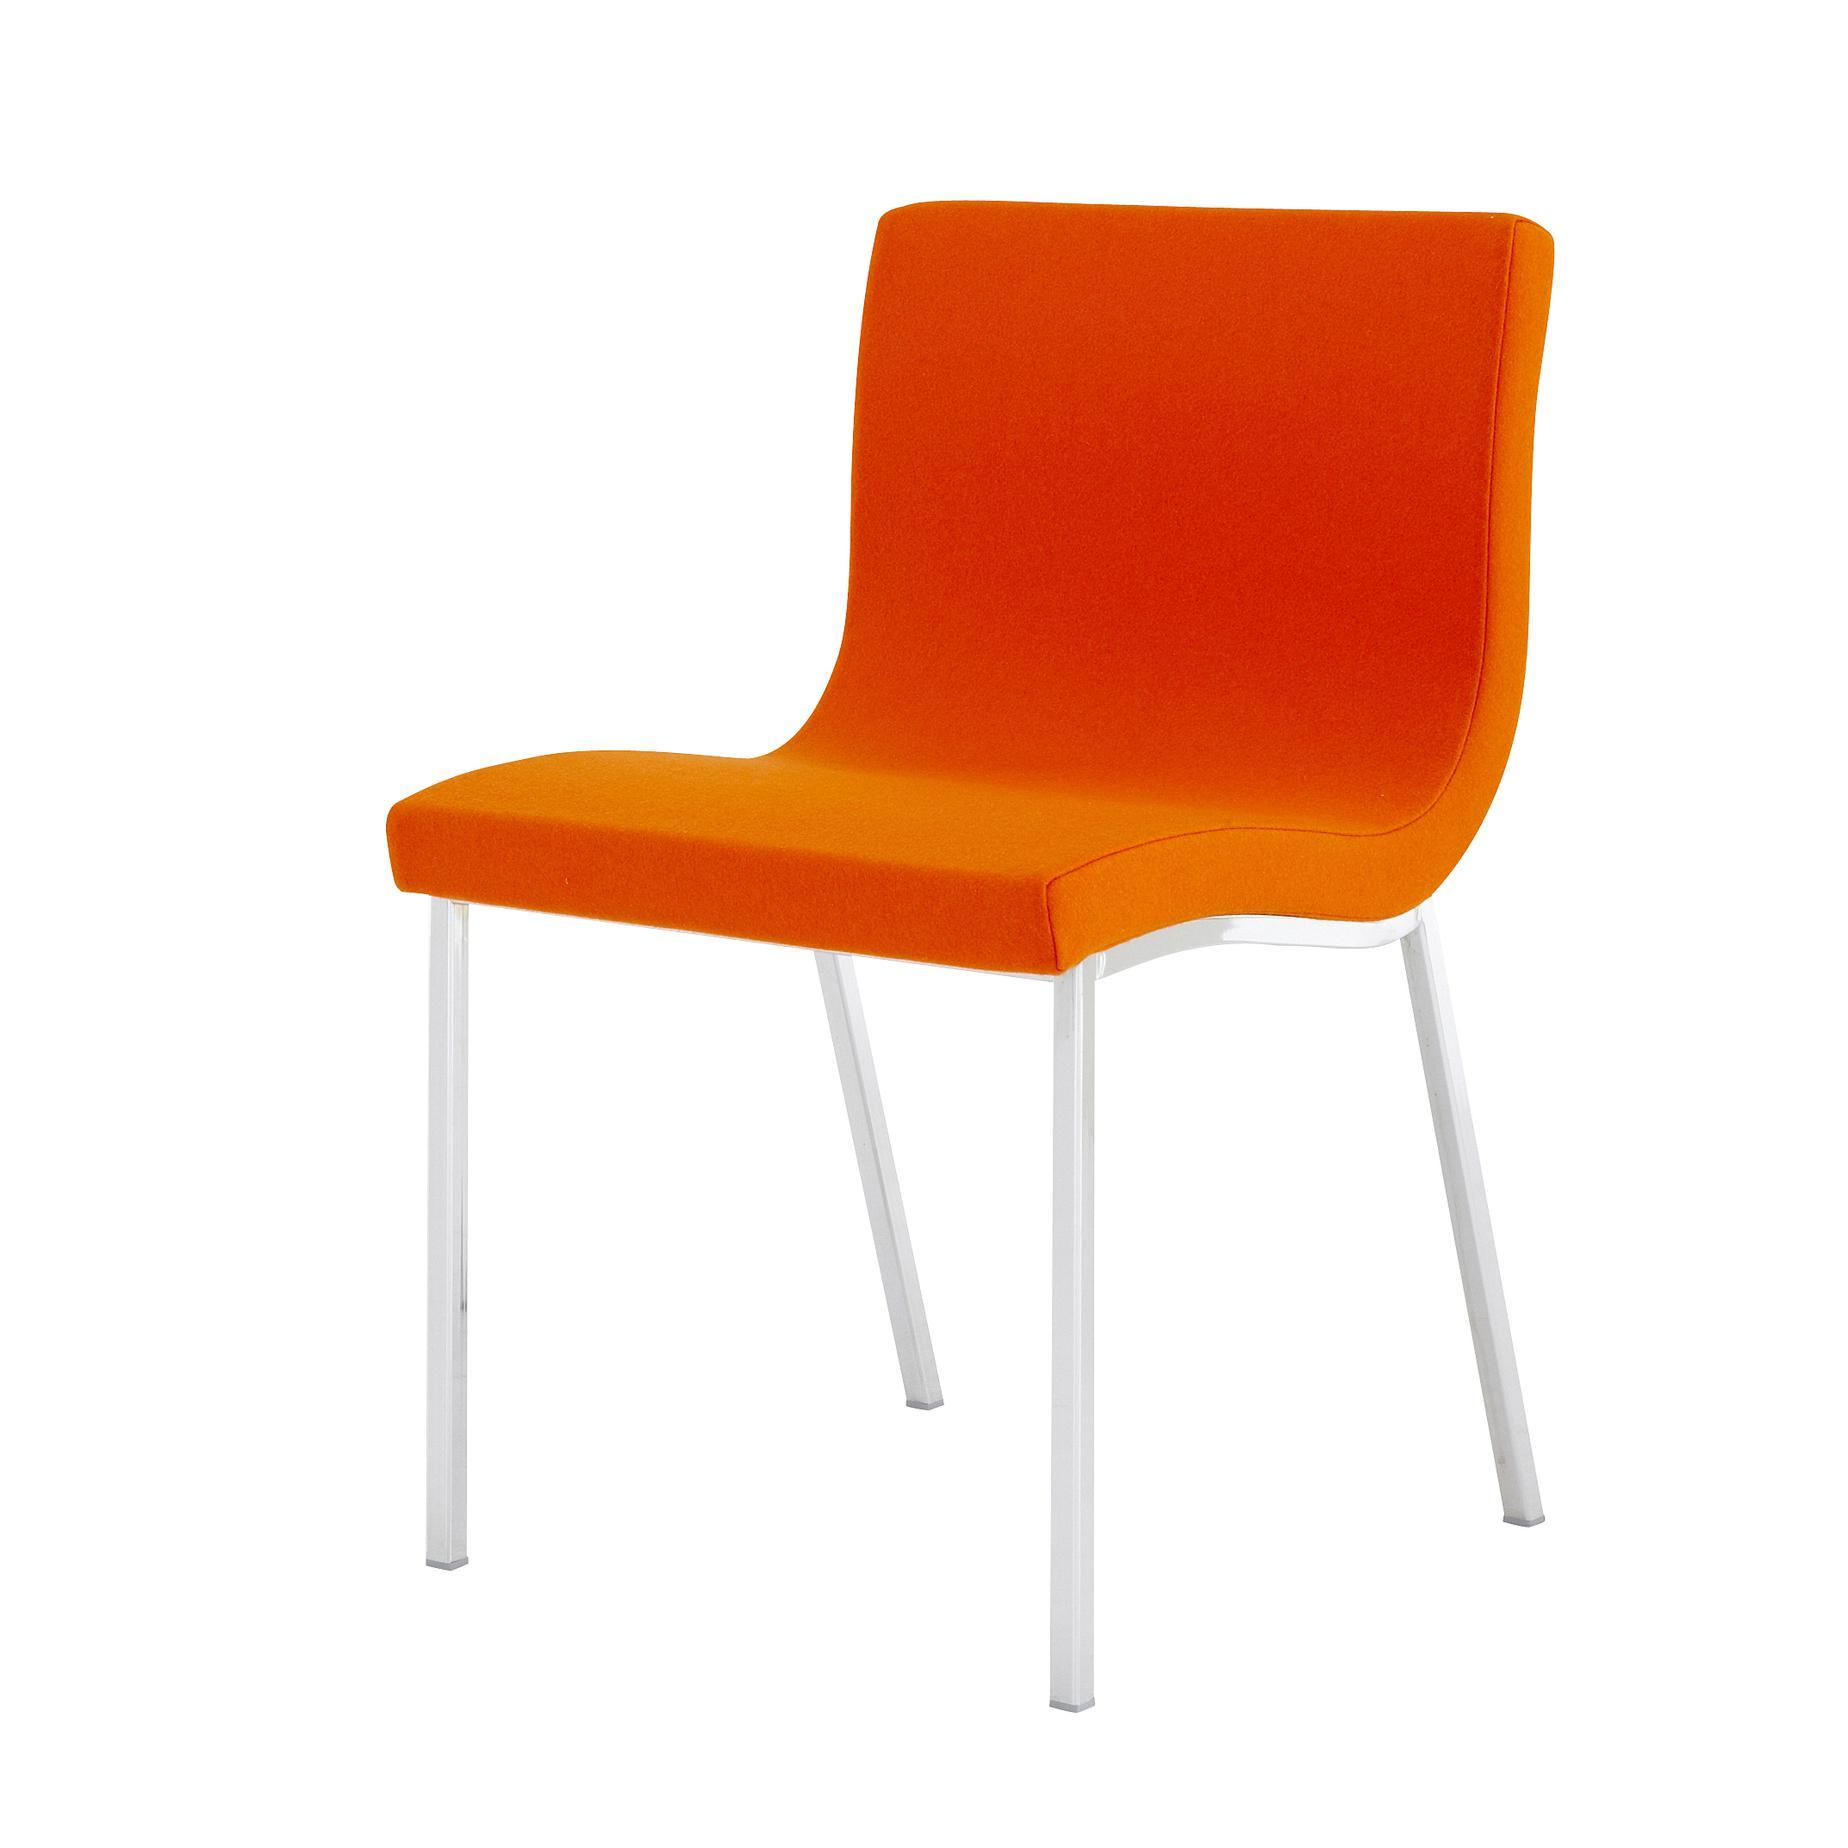 sala chairs designer pascal mourgue ligne roset. Black Bedroom Furniture Sets. Home Design Ideas